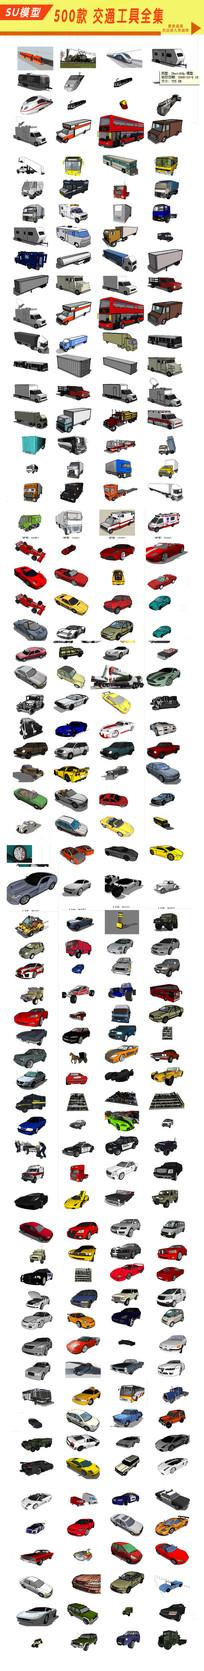 交通工具模型全集 skp